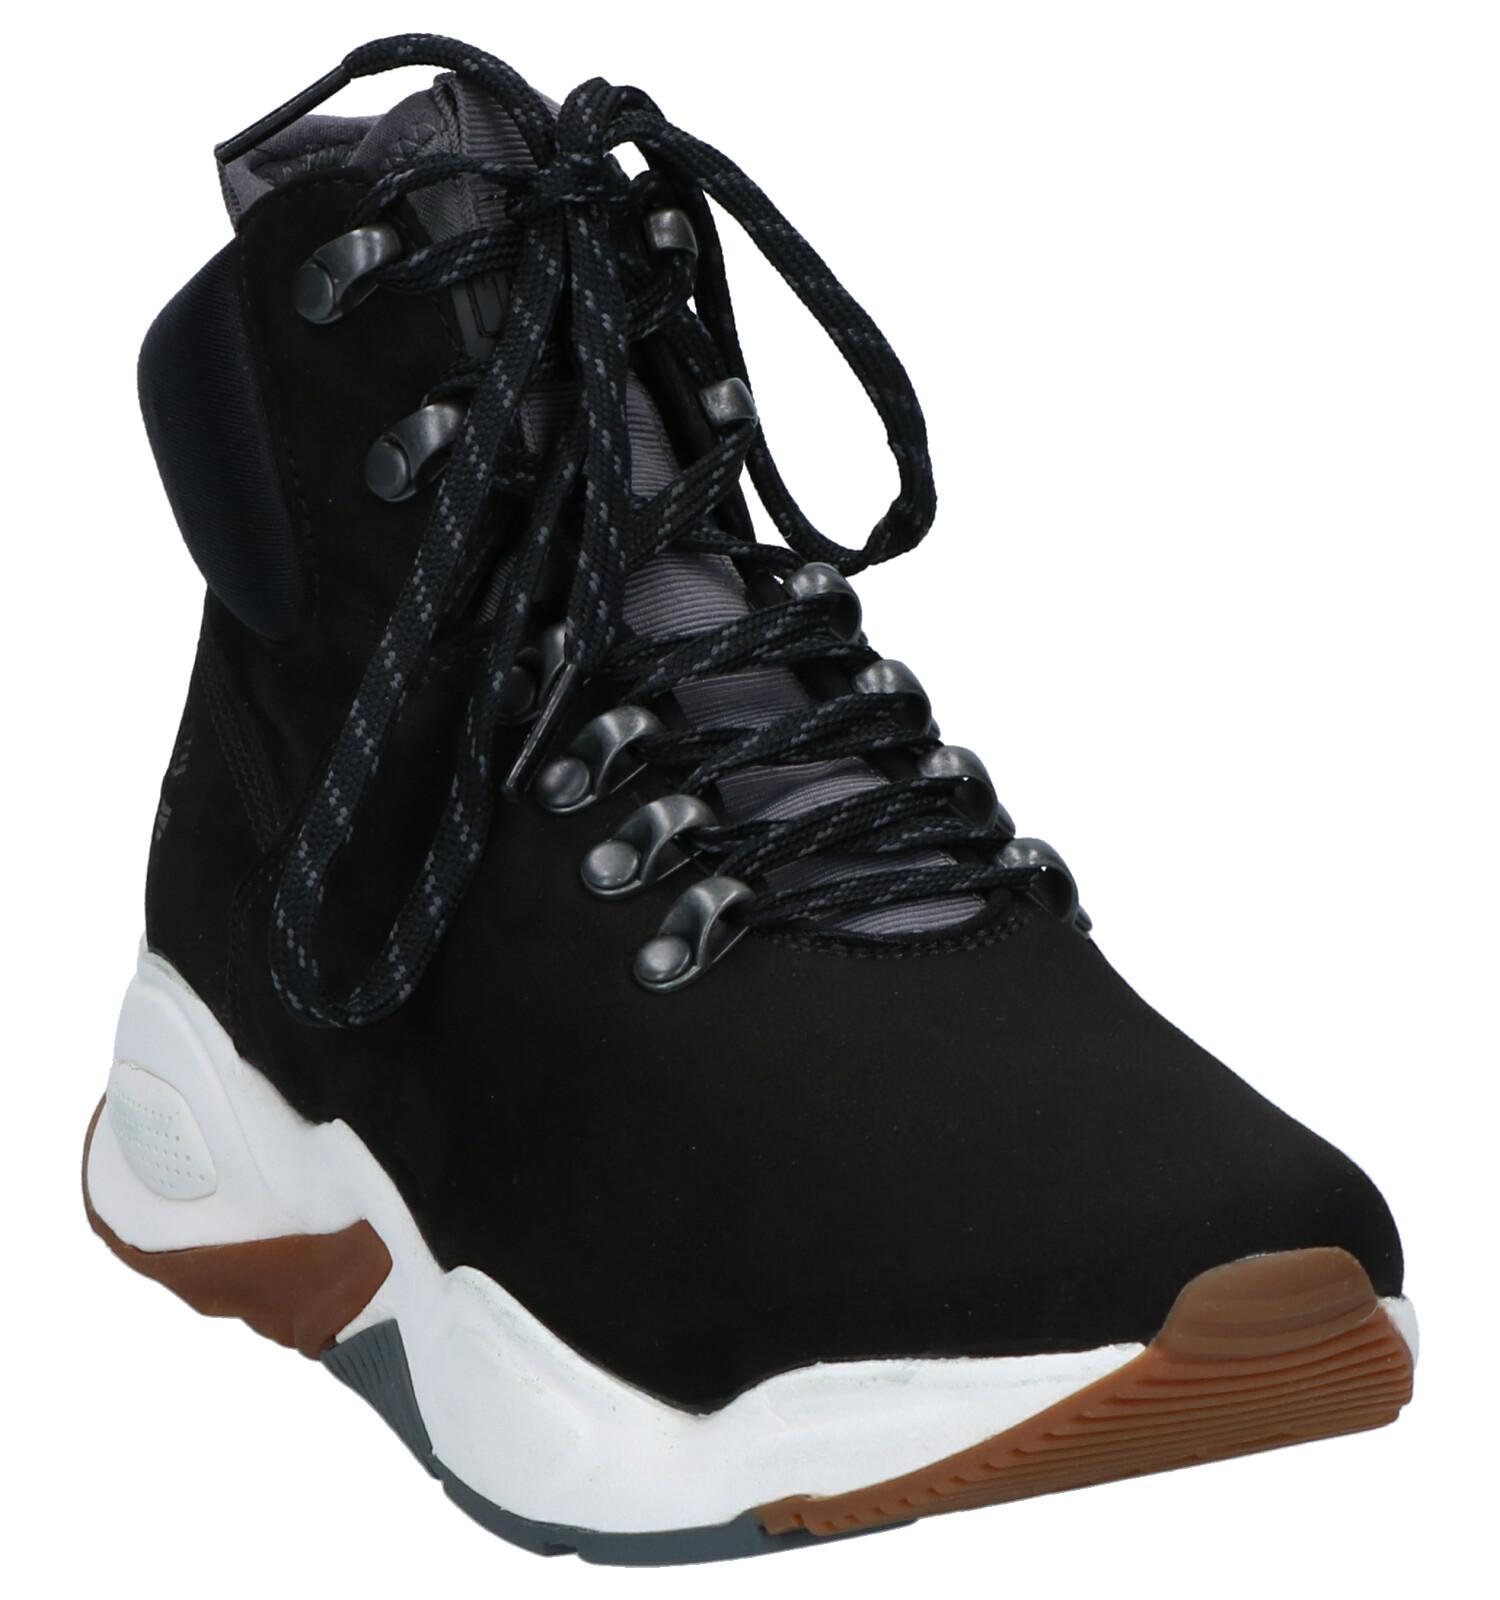 Hiker Boots Delphiville Timberland Zwarte Zwarte Delphiville Hiker Timberland n8w0Nm